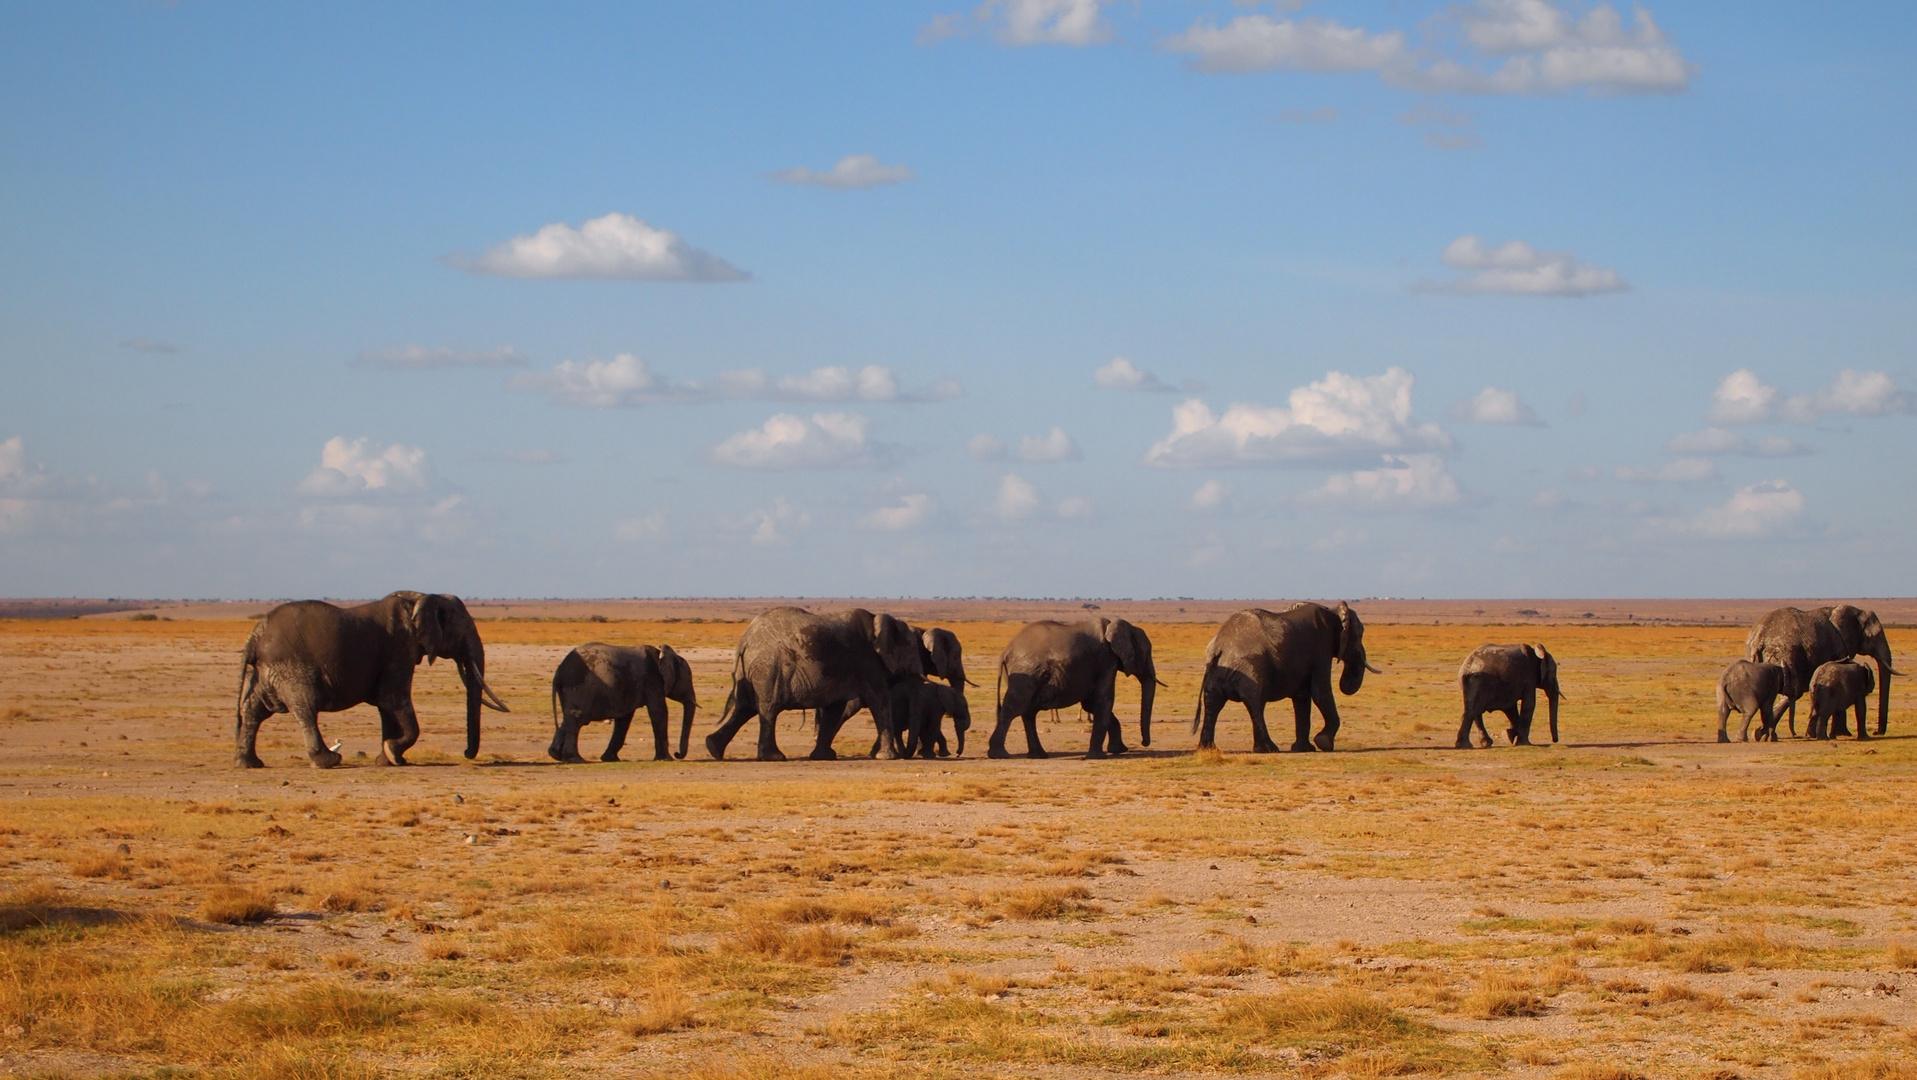 Elefantenparade auf dem Weg nach Hause